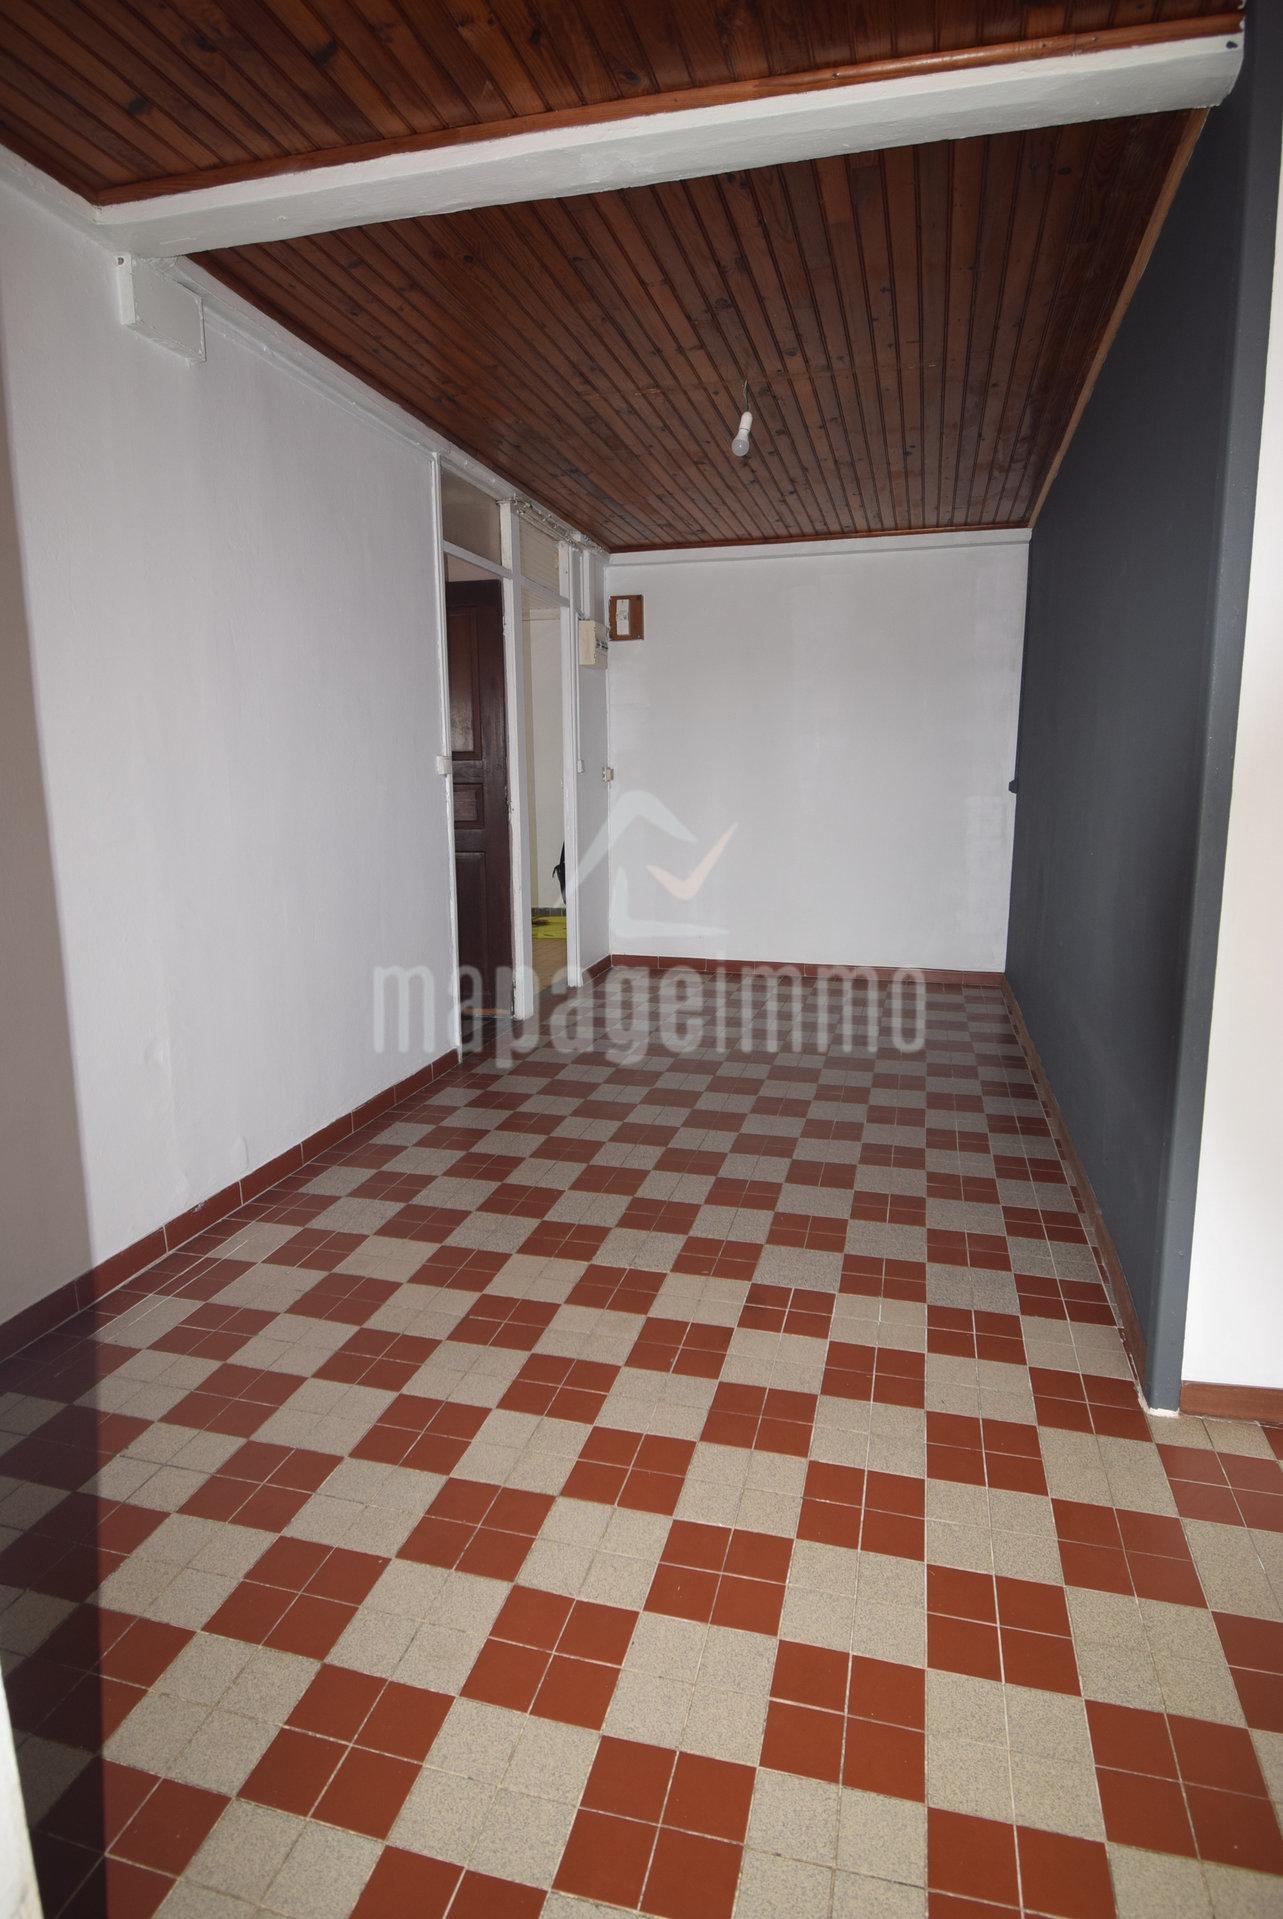 Vend Maison F3 + 1 Studio FFCE